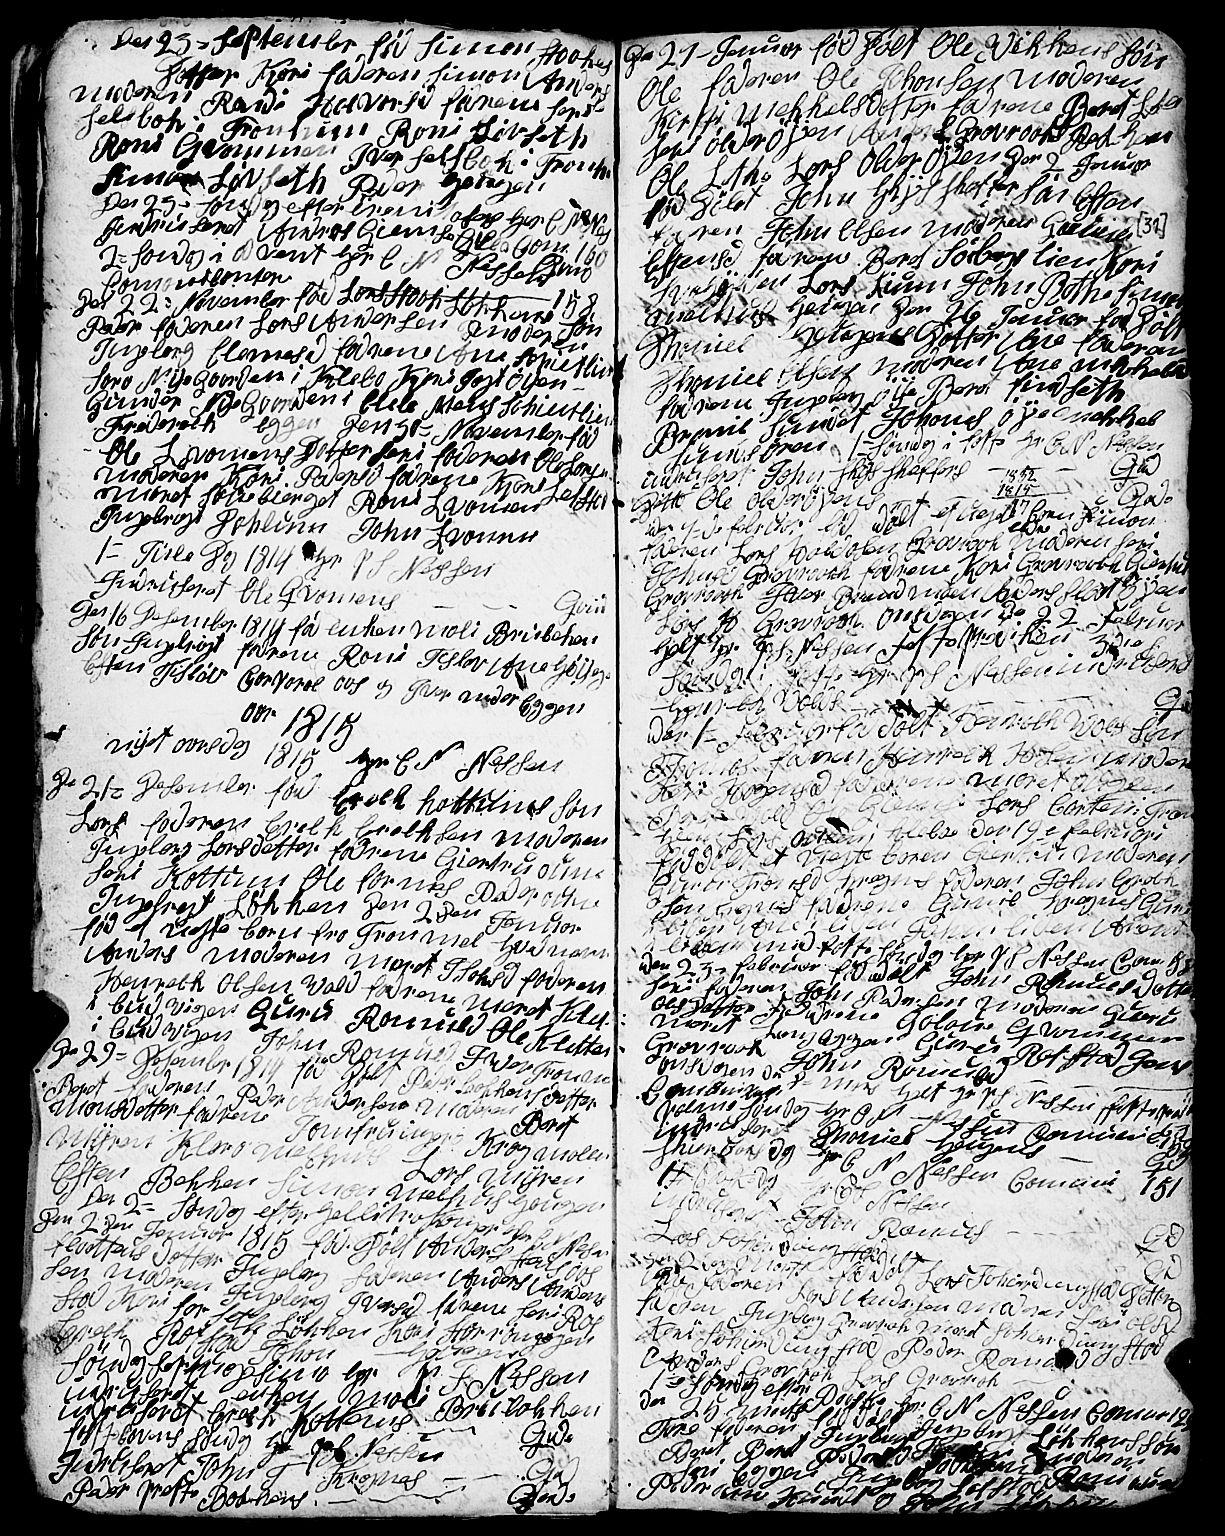 SAT, Ministerialprotokoller, klokkerbøker og fødselsregistre - Sør-Trøndelag, 691/L1091: Klokkerbok nr. 691C02, 1802-1815, s. 31